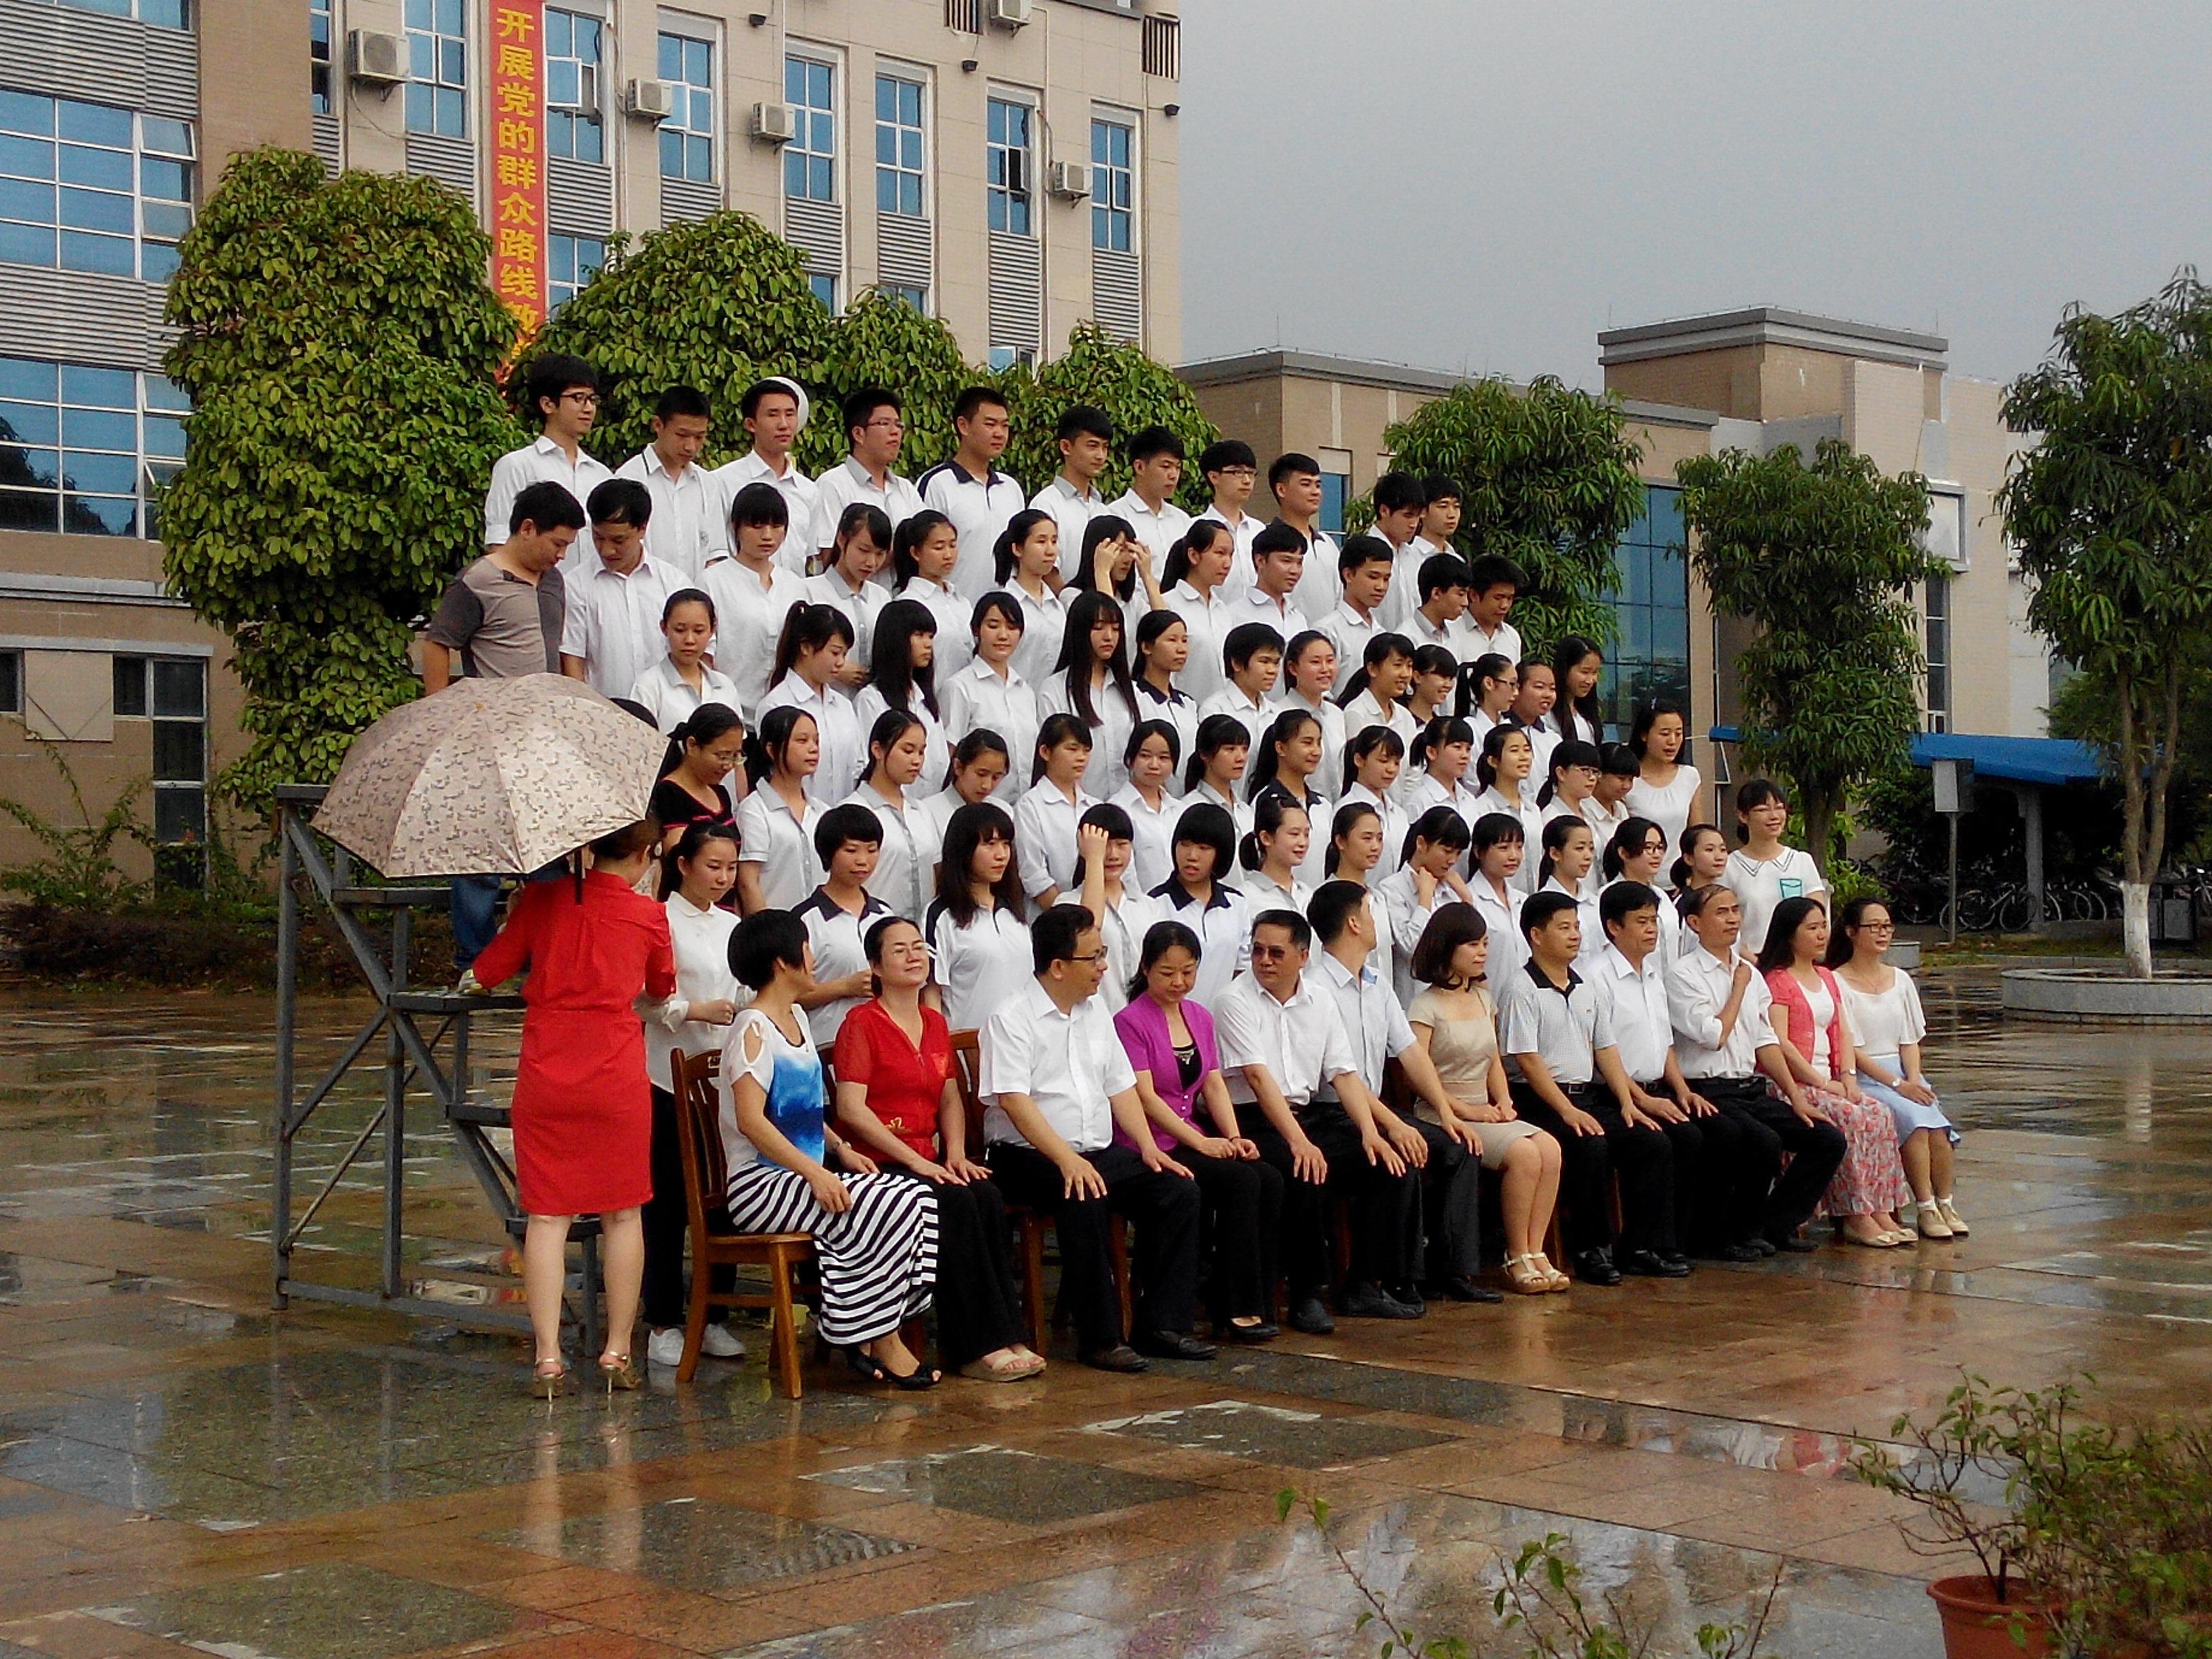 纪念举行合影毕业高中时光英语翻译学生高中图片